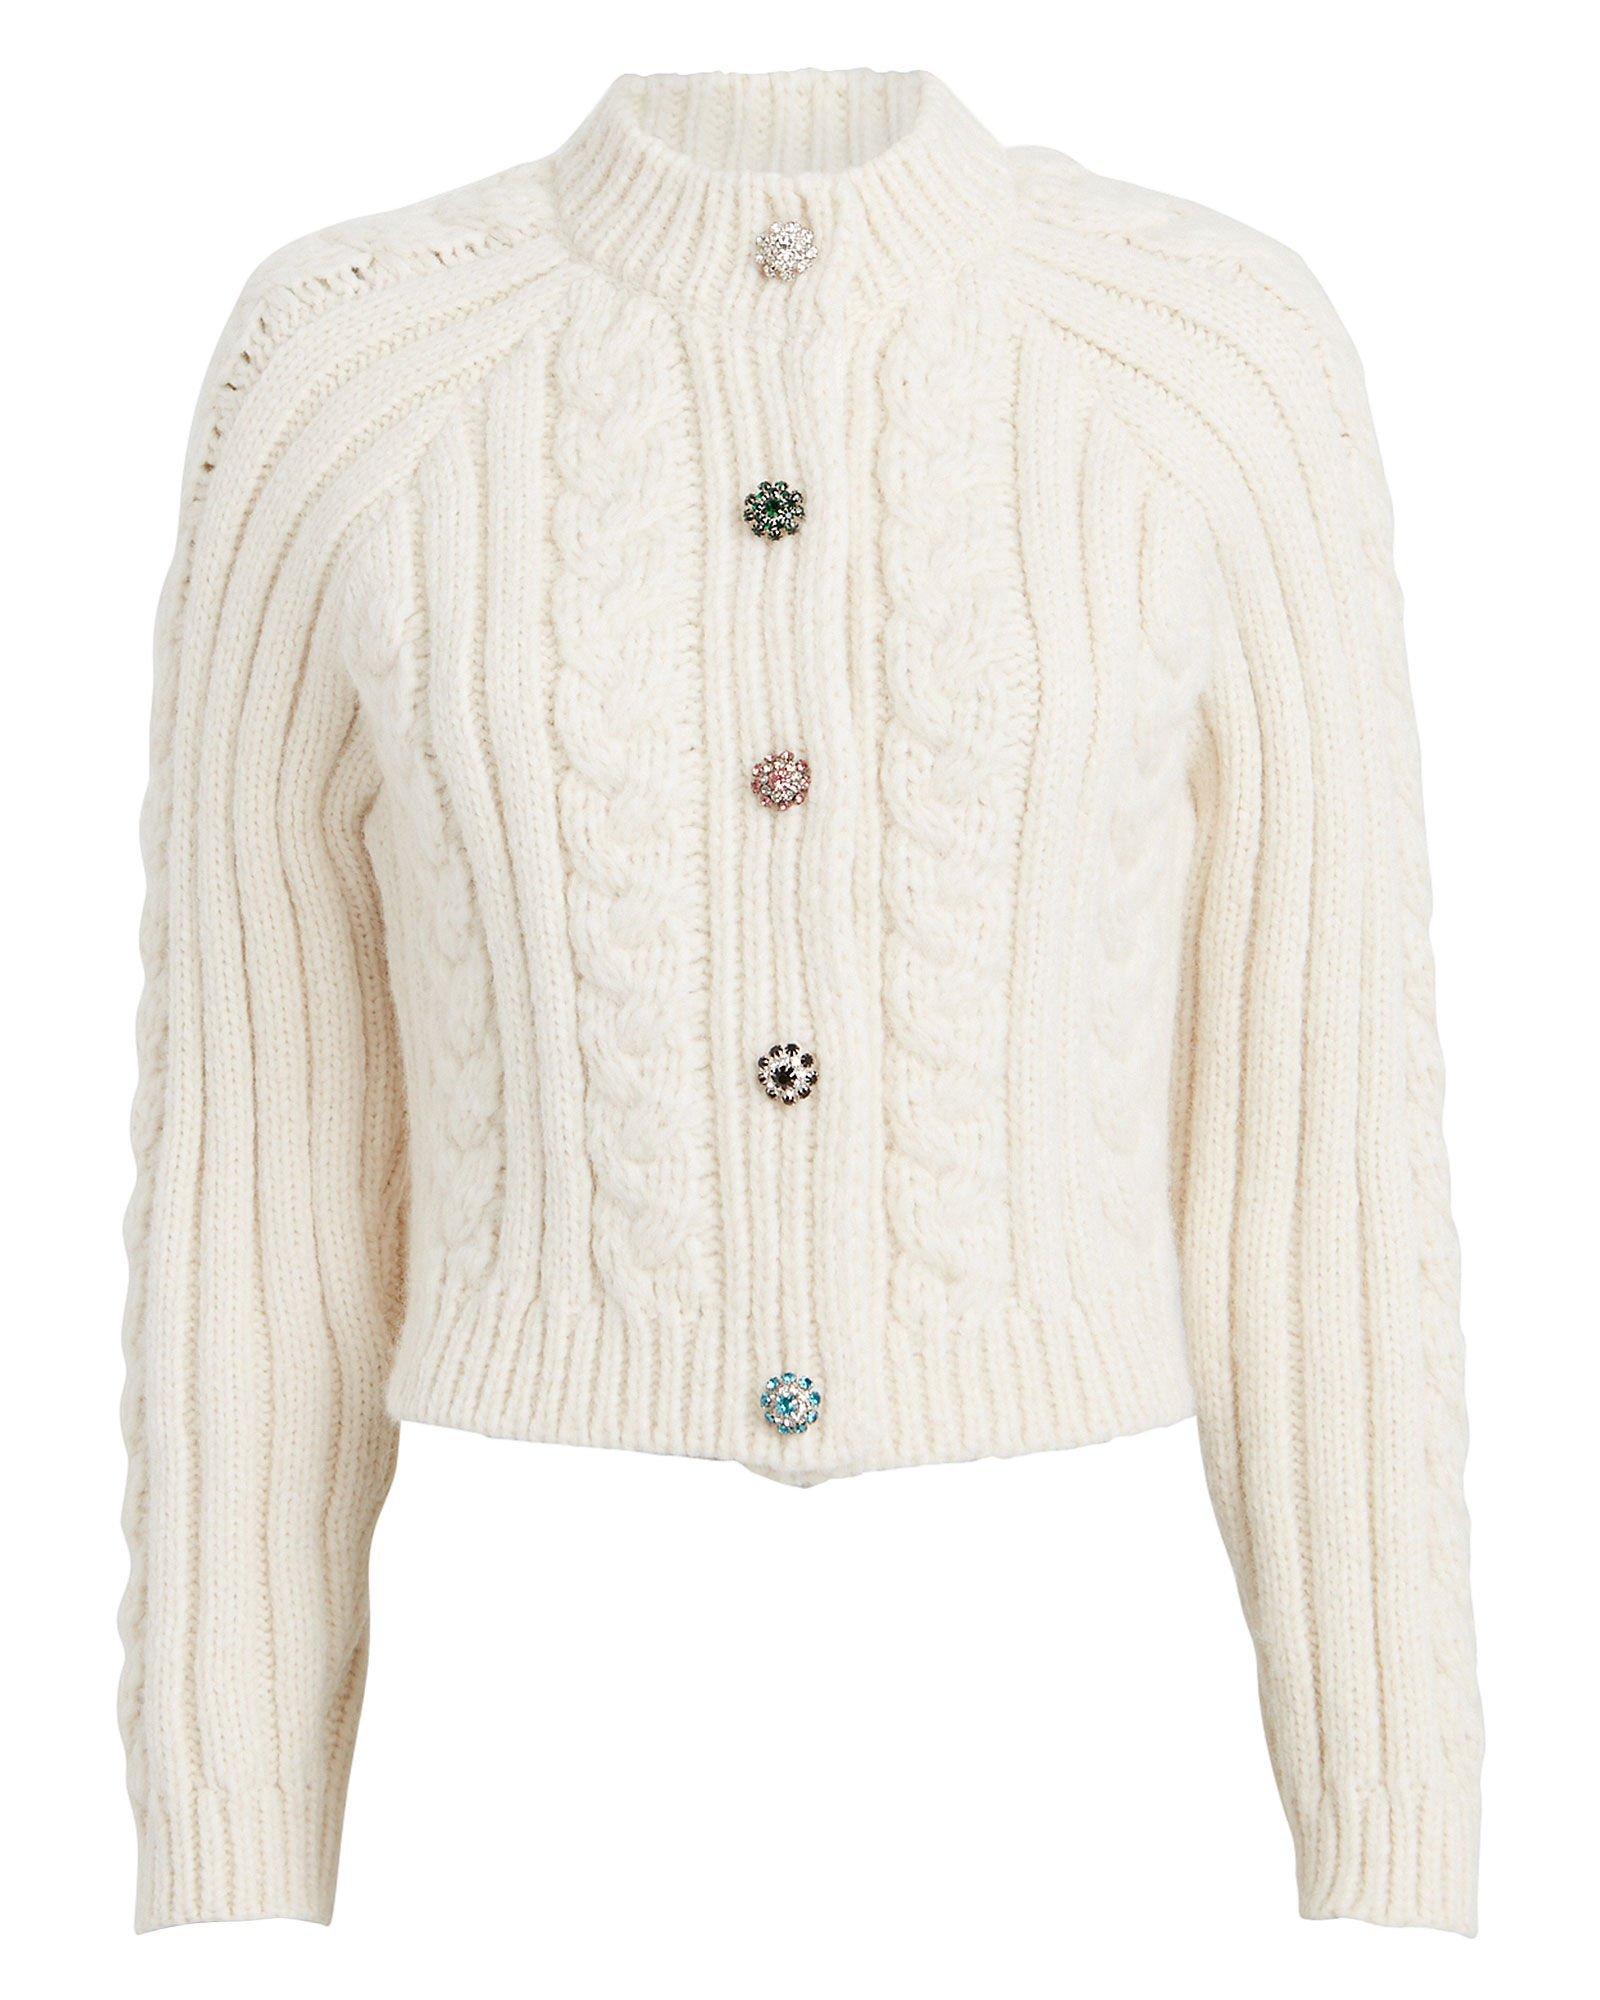 GANNI | Diamanté Cable Knit Cropped Cardigan | INTERMIX®